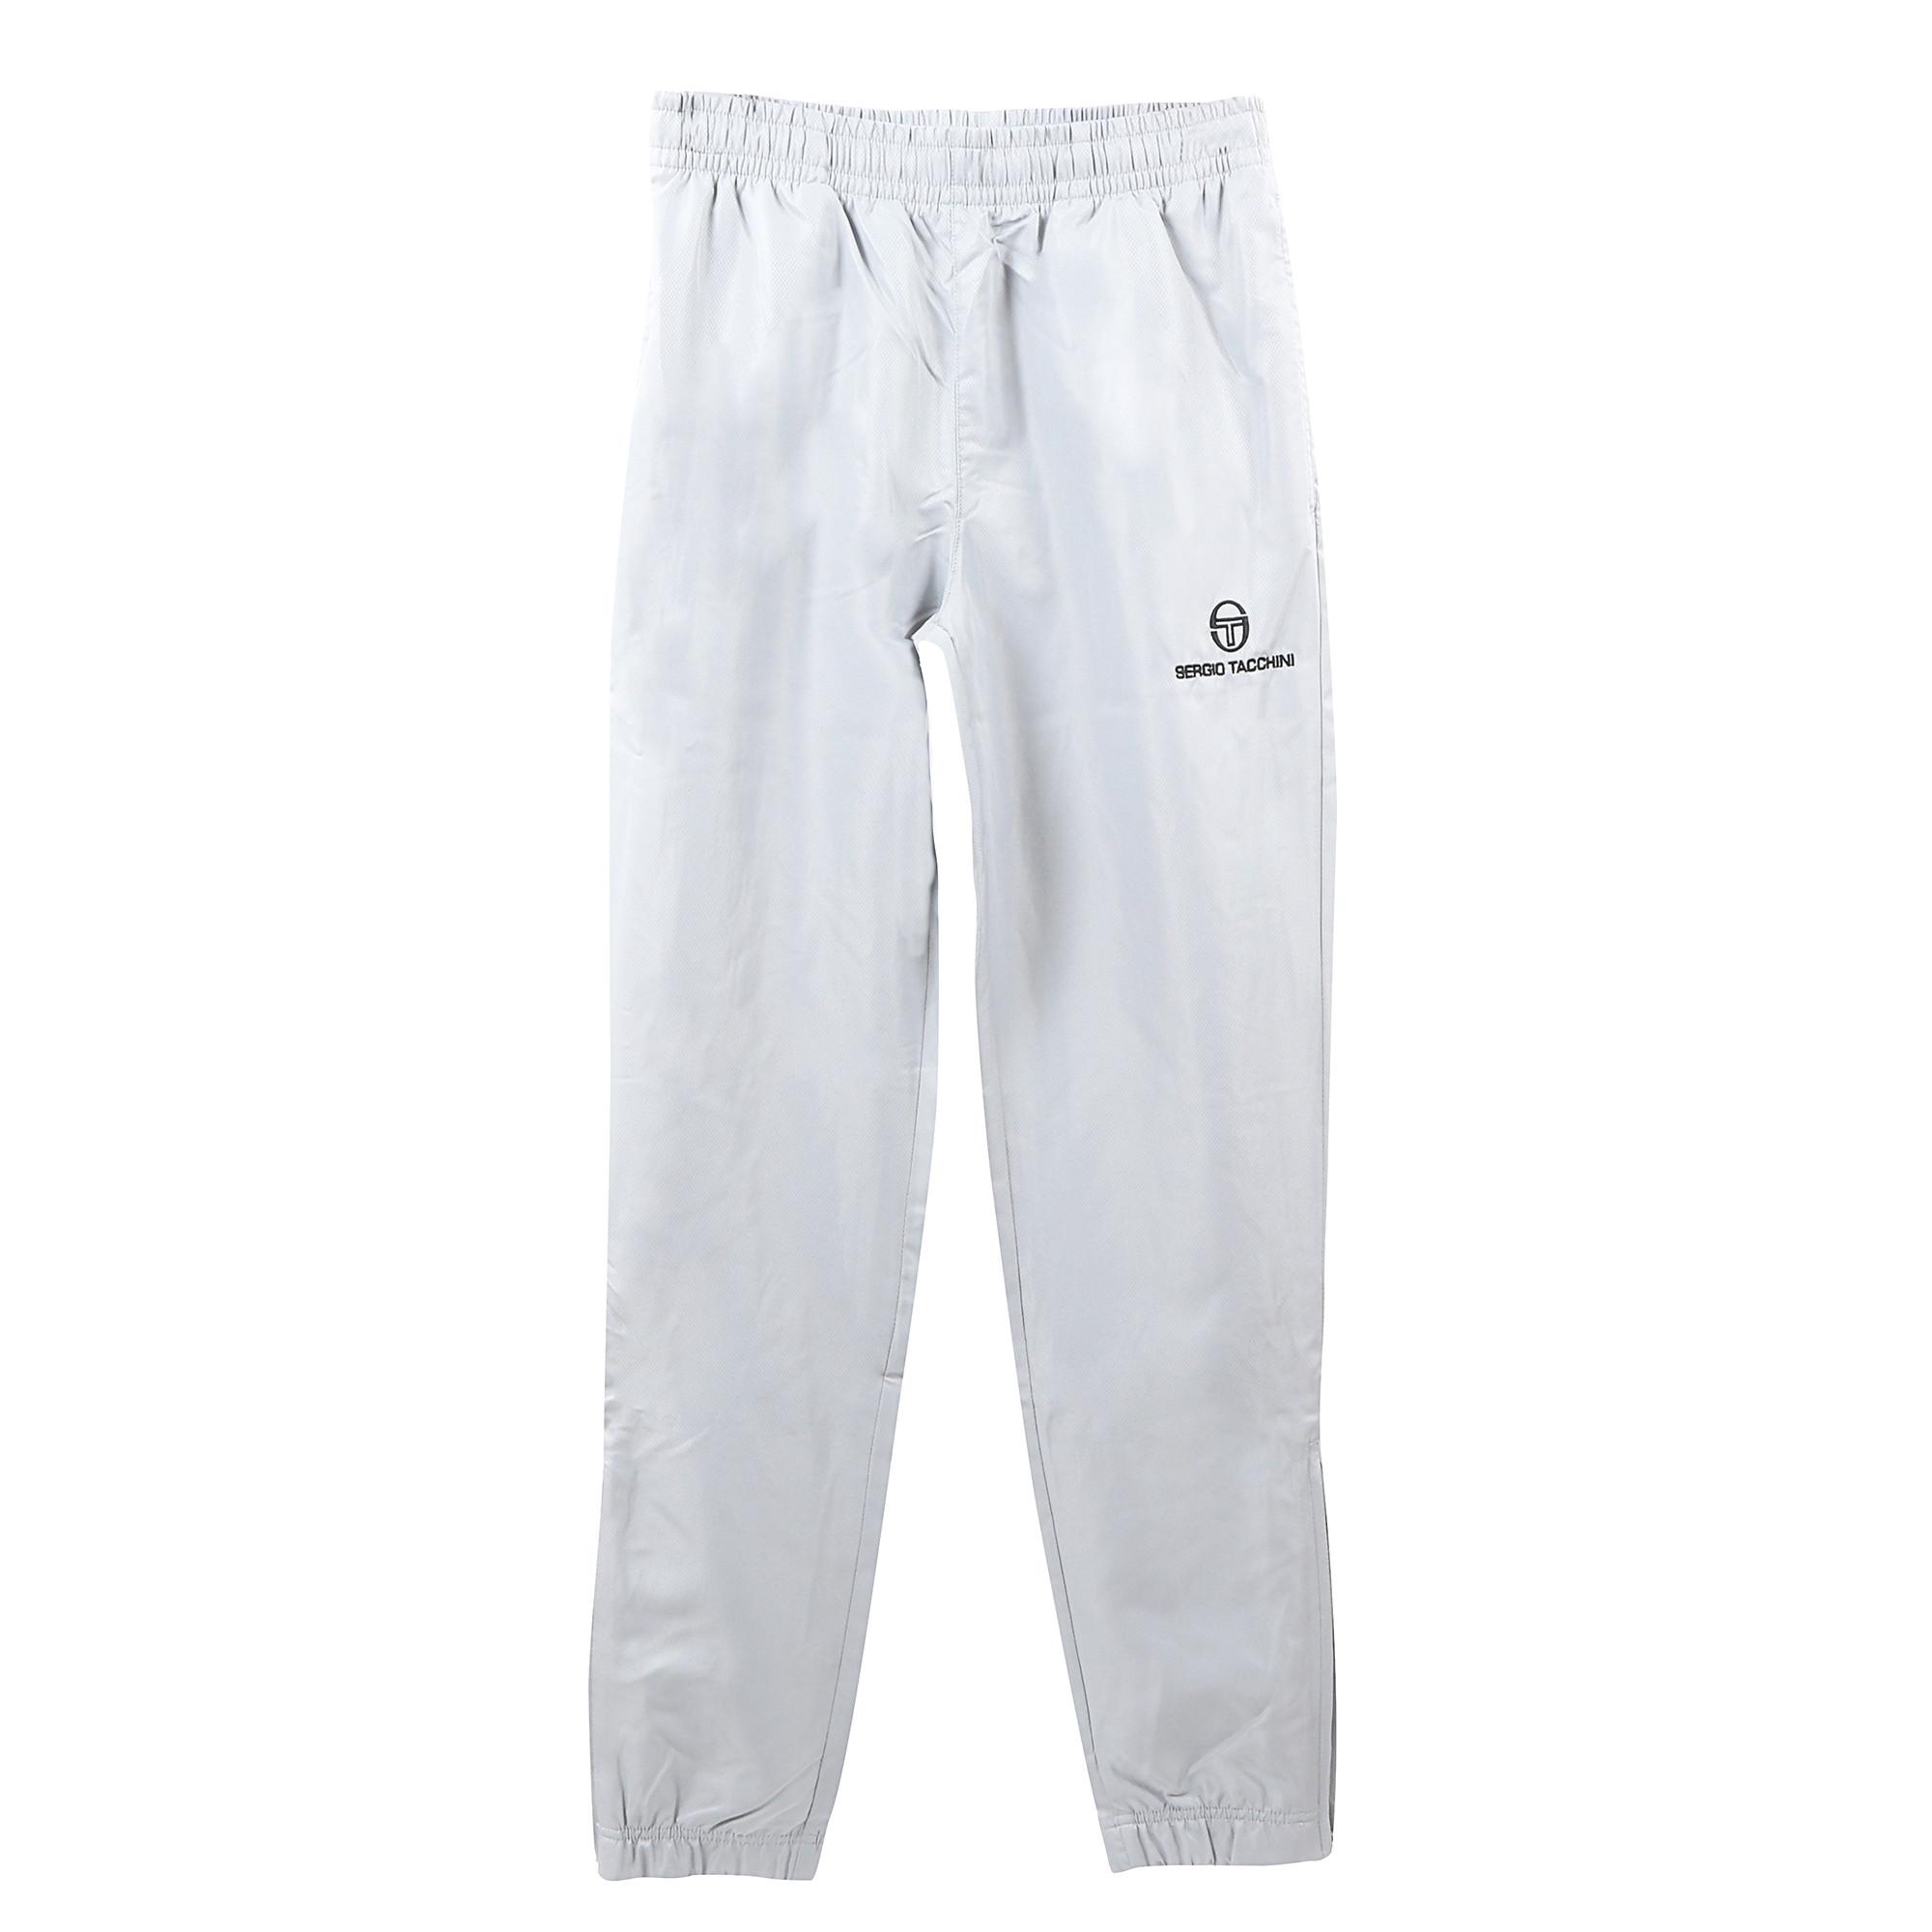 0069d82c82fef Carson Pantalon Homme SERGIO TACCHINI GRIS pas cher - Pantalons de  survêtement homme SERGIO TACCHINI discount